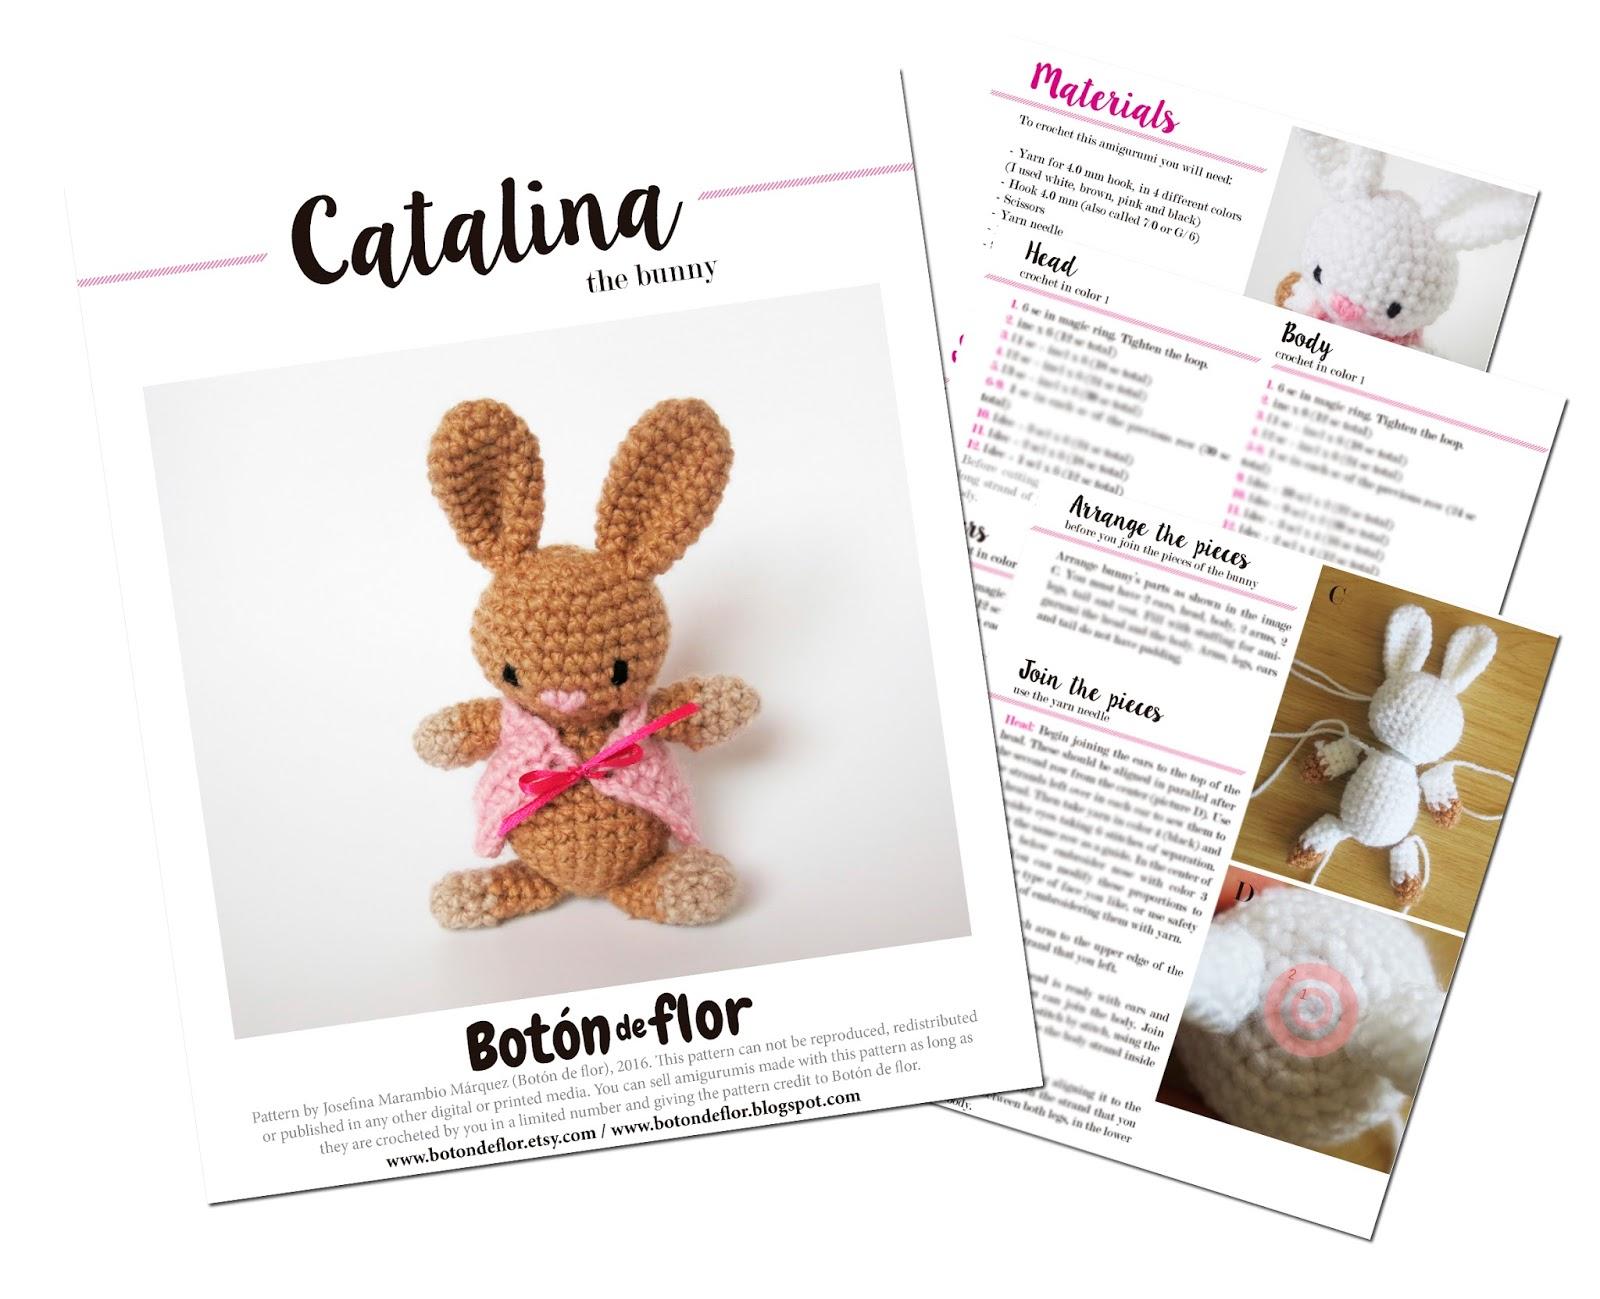 Botón de Flor: Patrones para tejer un oso y un conejo en crochet